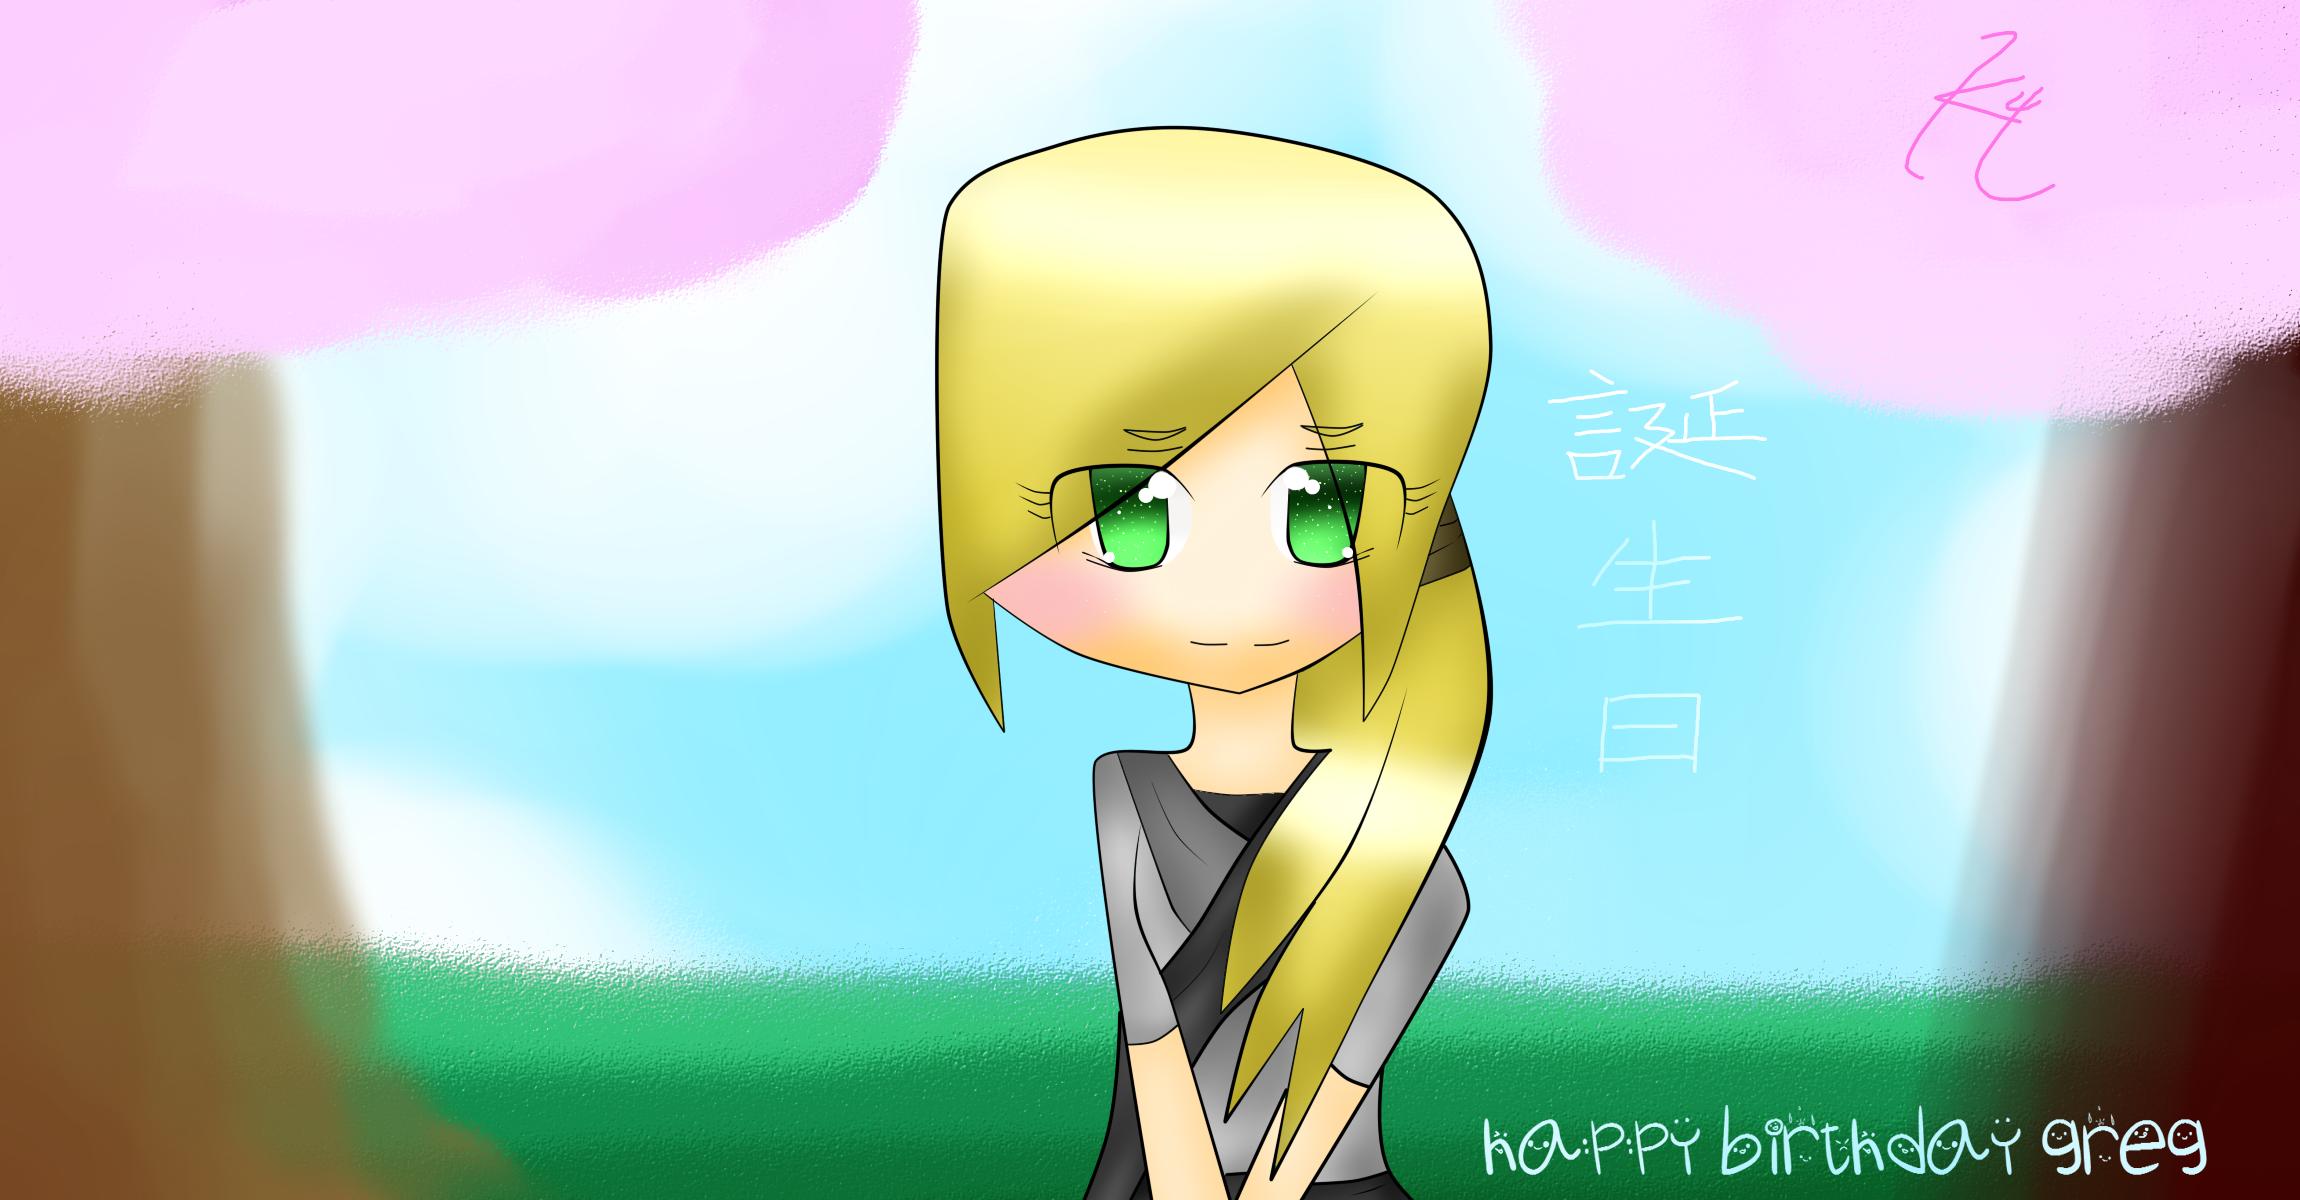 Happy Birthday Greg by Kari4ever